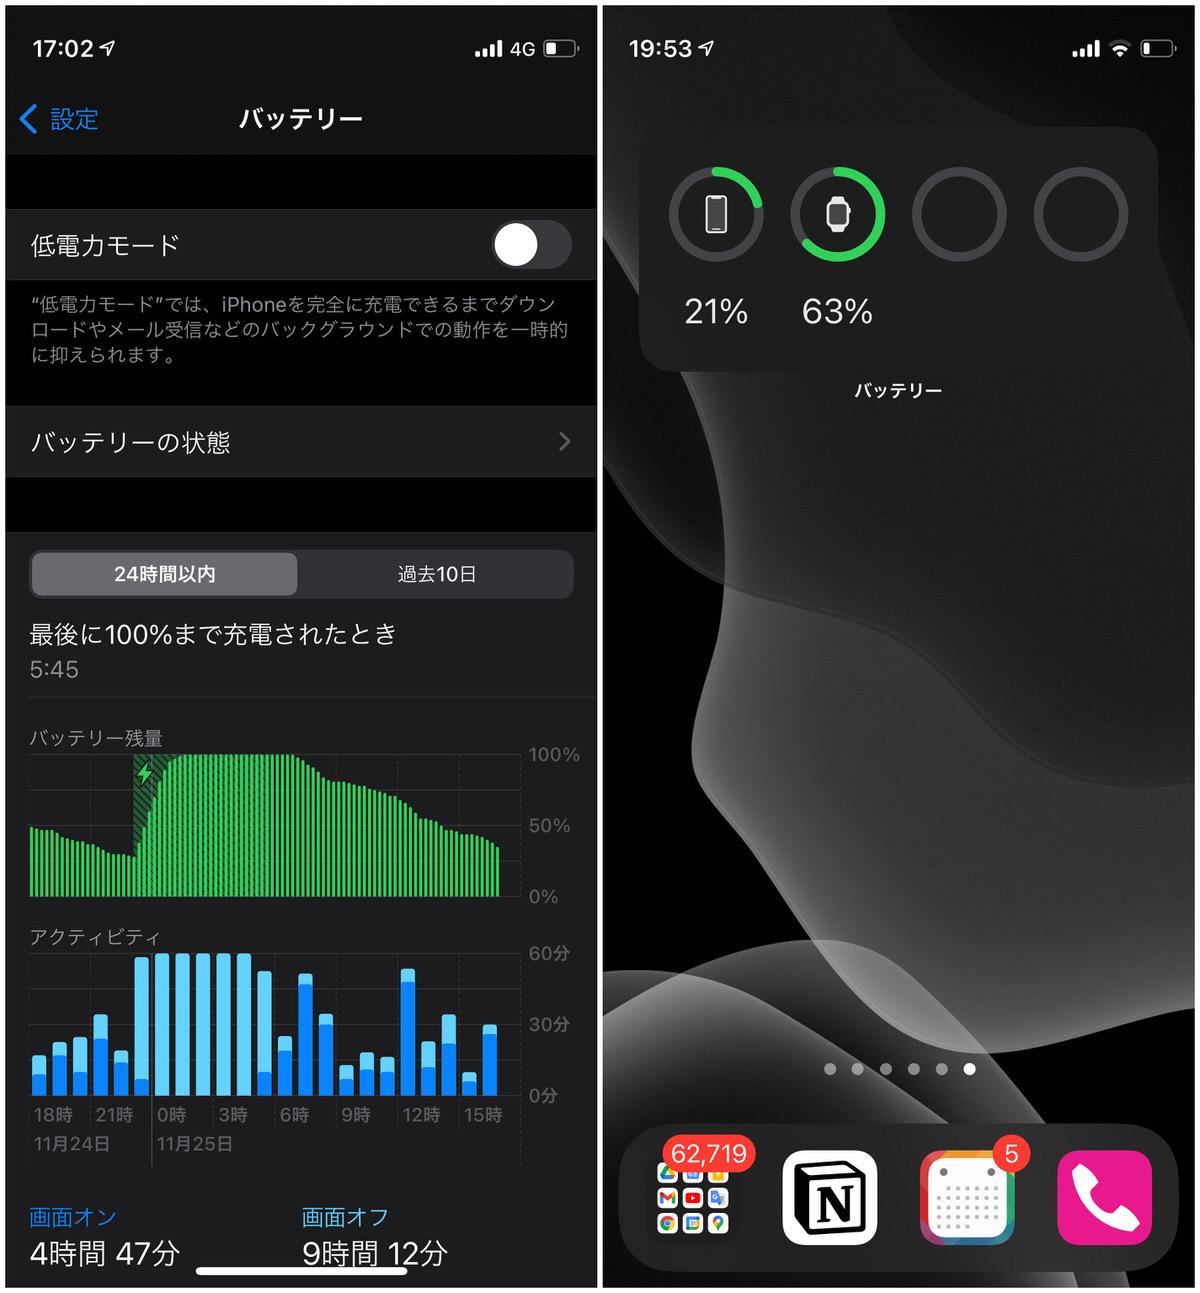 iPhone 12 mini バッテリー持ち−6